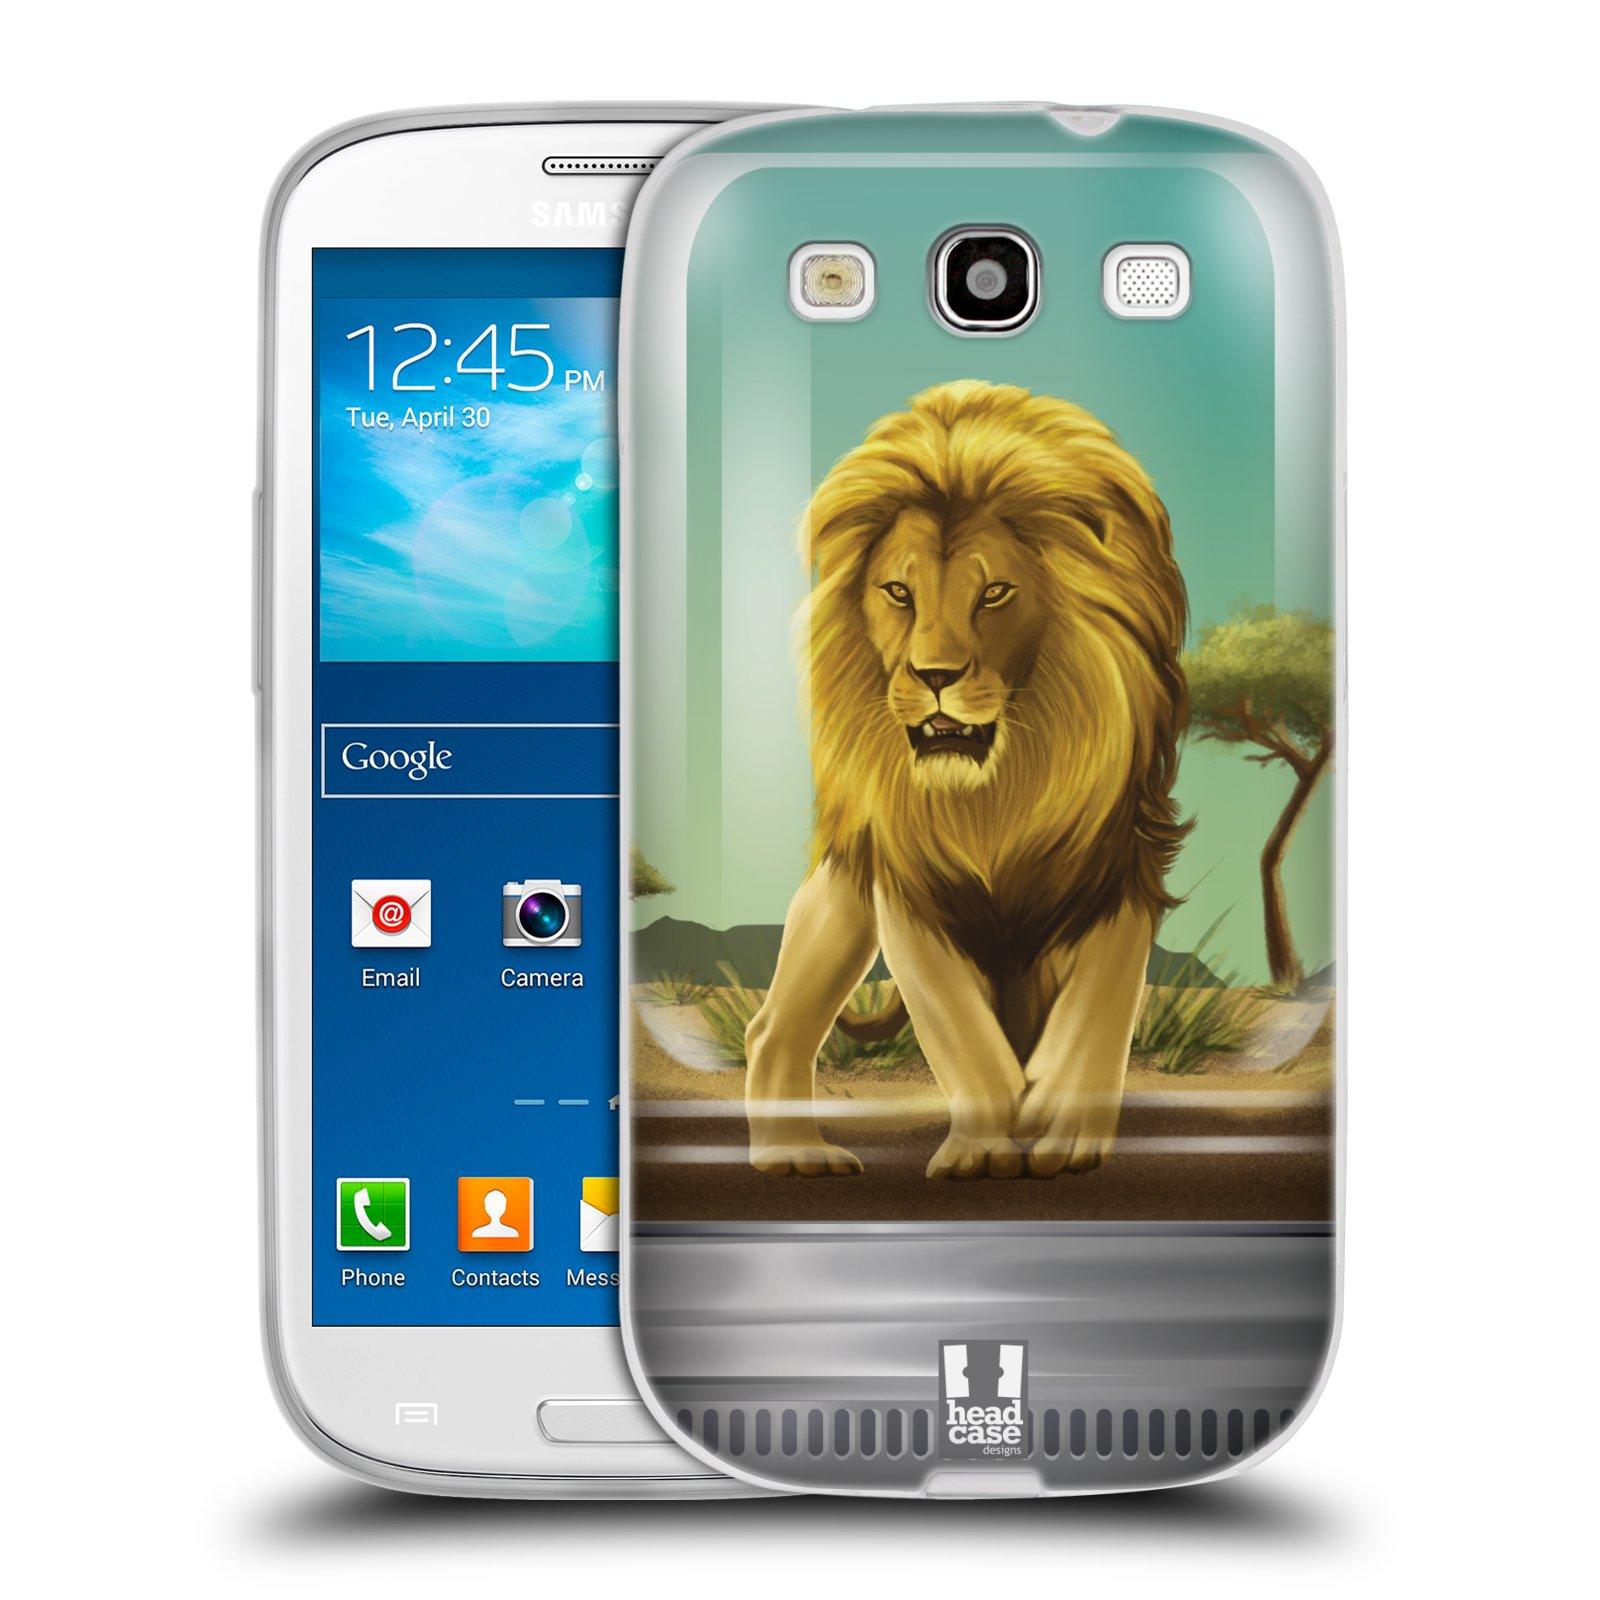 HEAD CASE silikonový obal na mobil Samsung Galaxy S3 i9300 vzor Zvířátka v těžítku lev